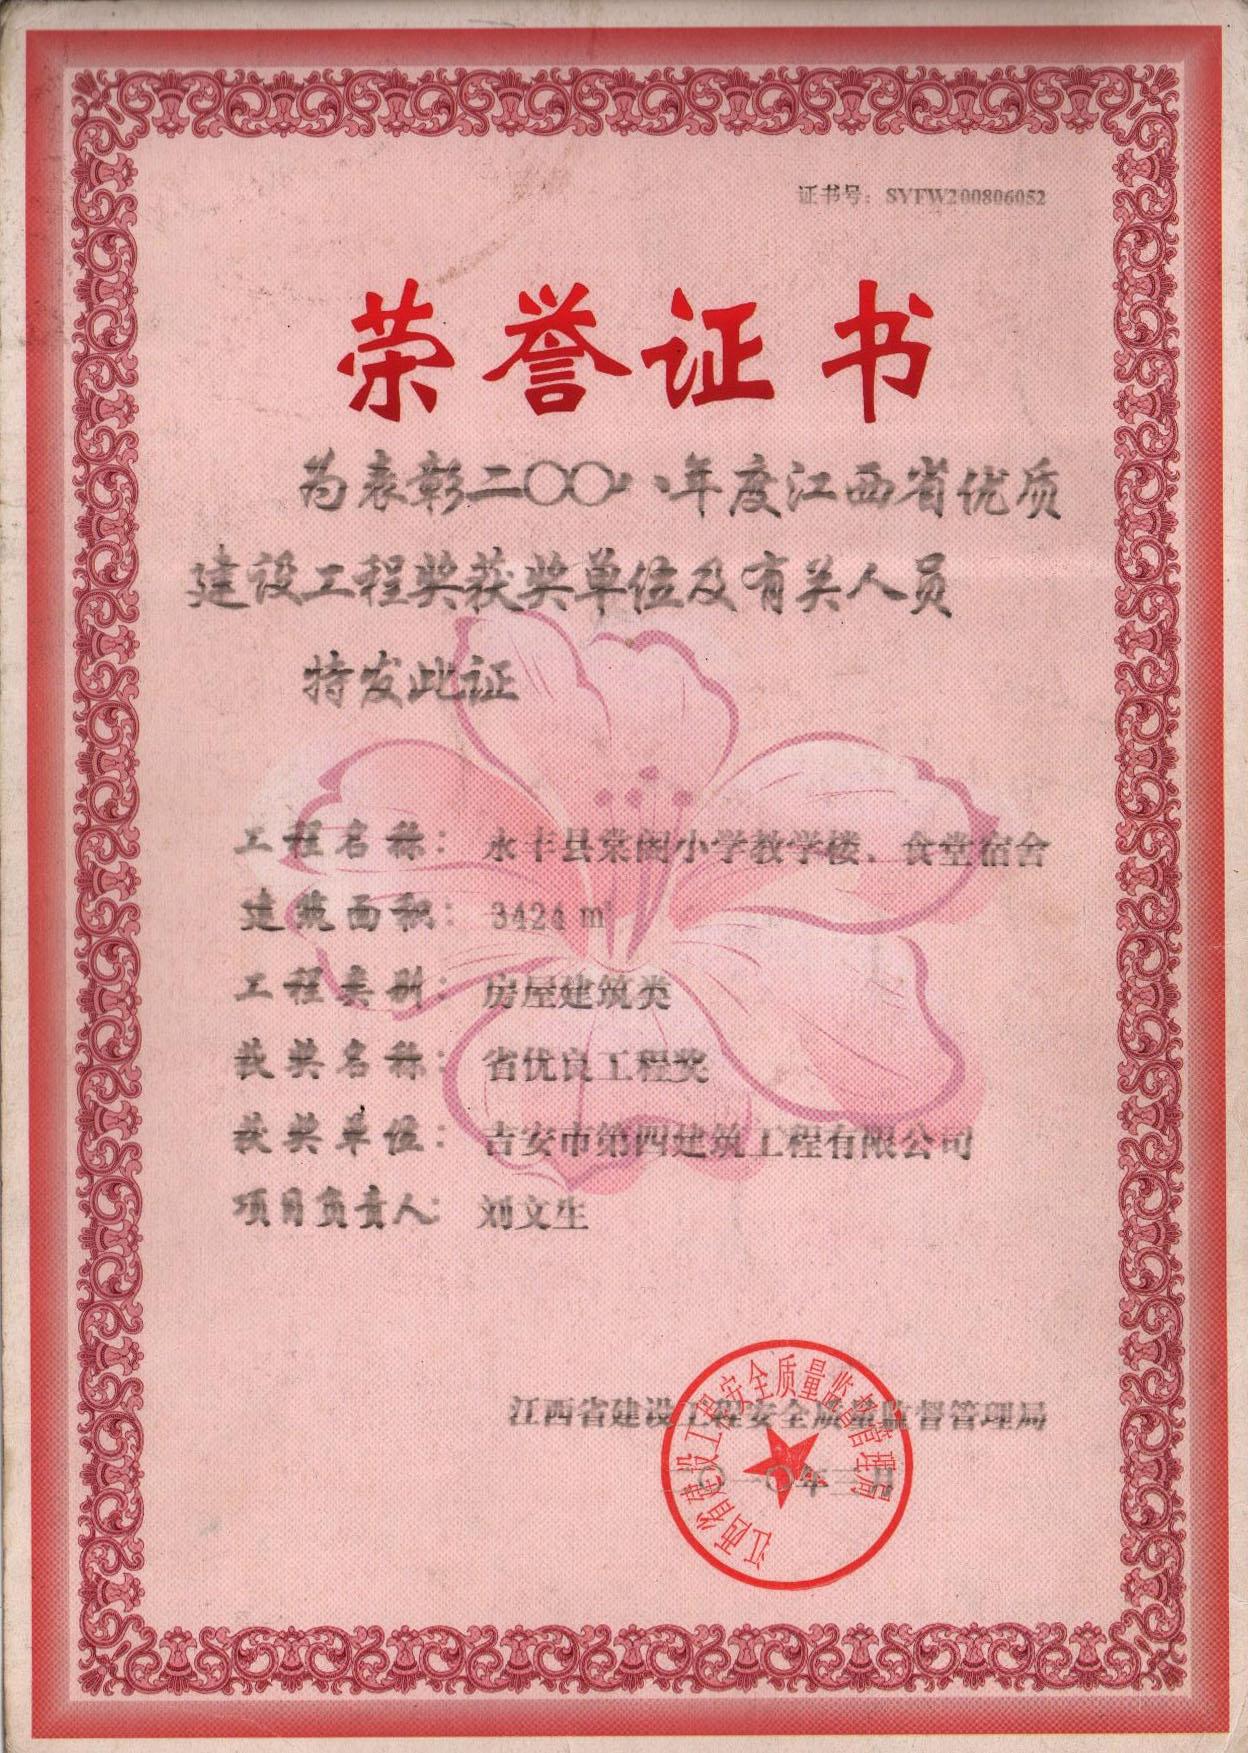 永丰县石马镇棠阁小学教学楼、食堂与宿舍楼